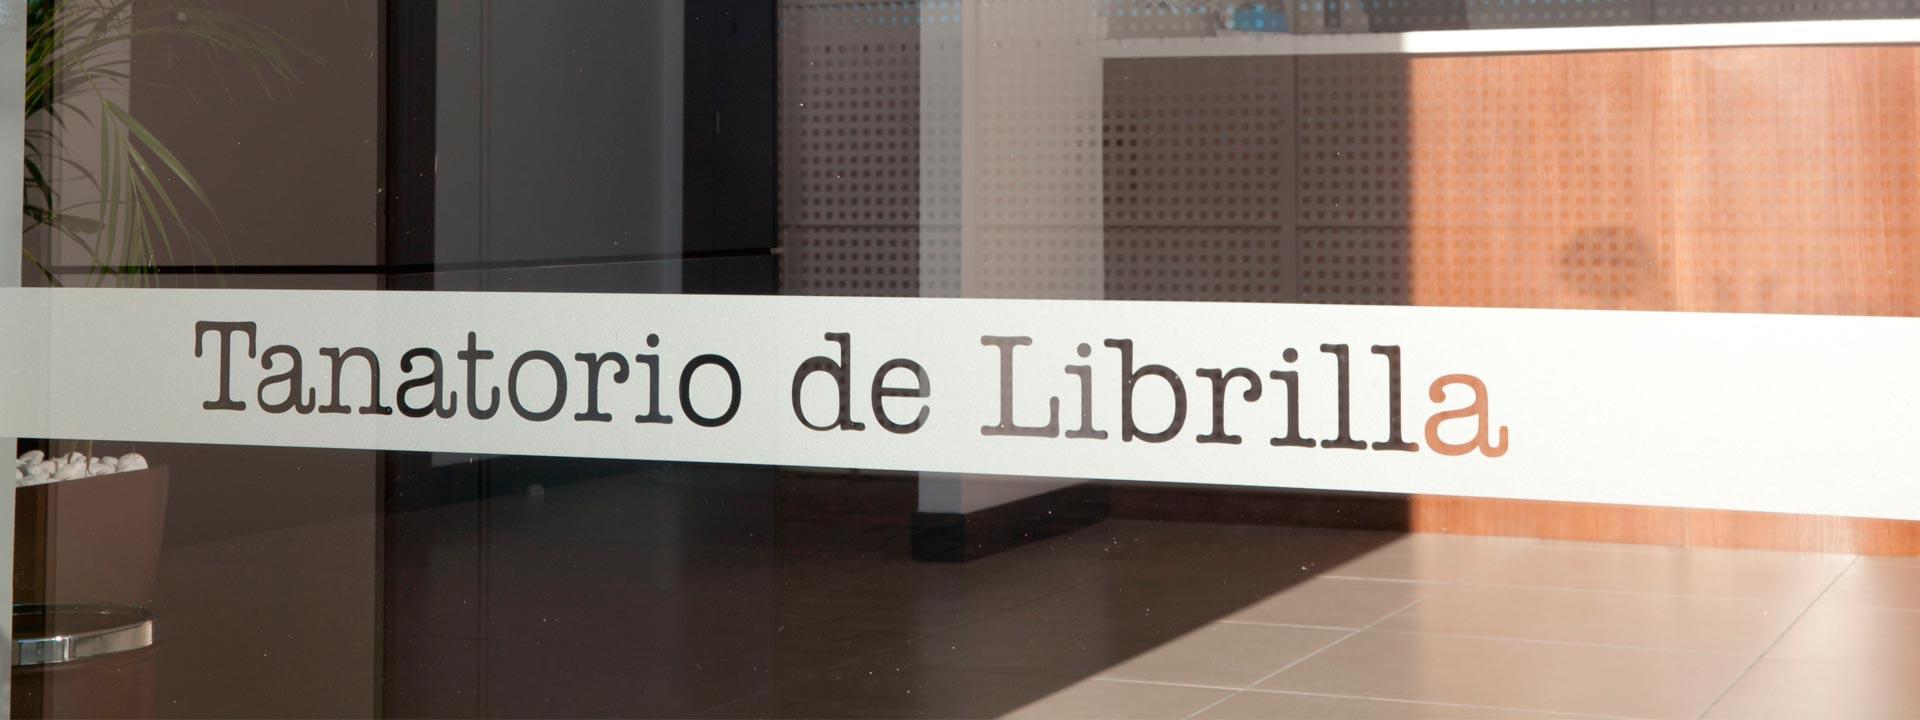 Librilla1